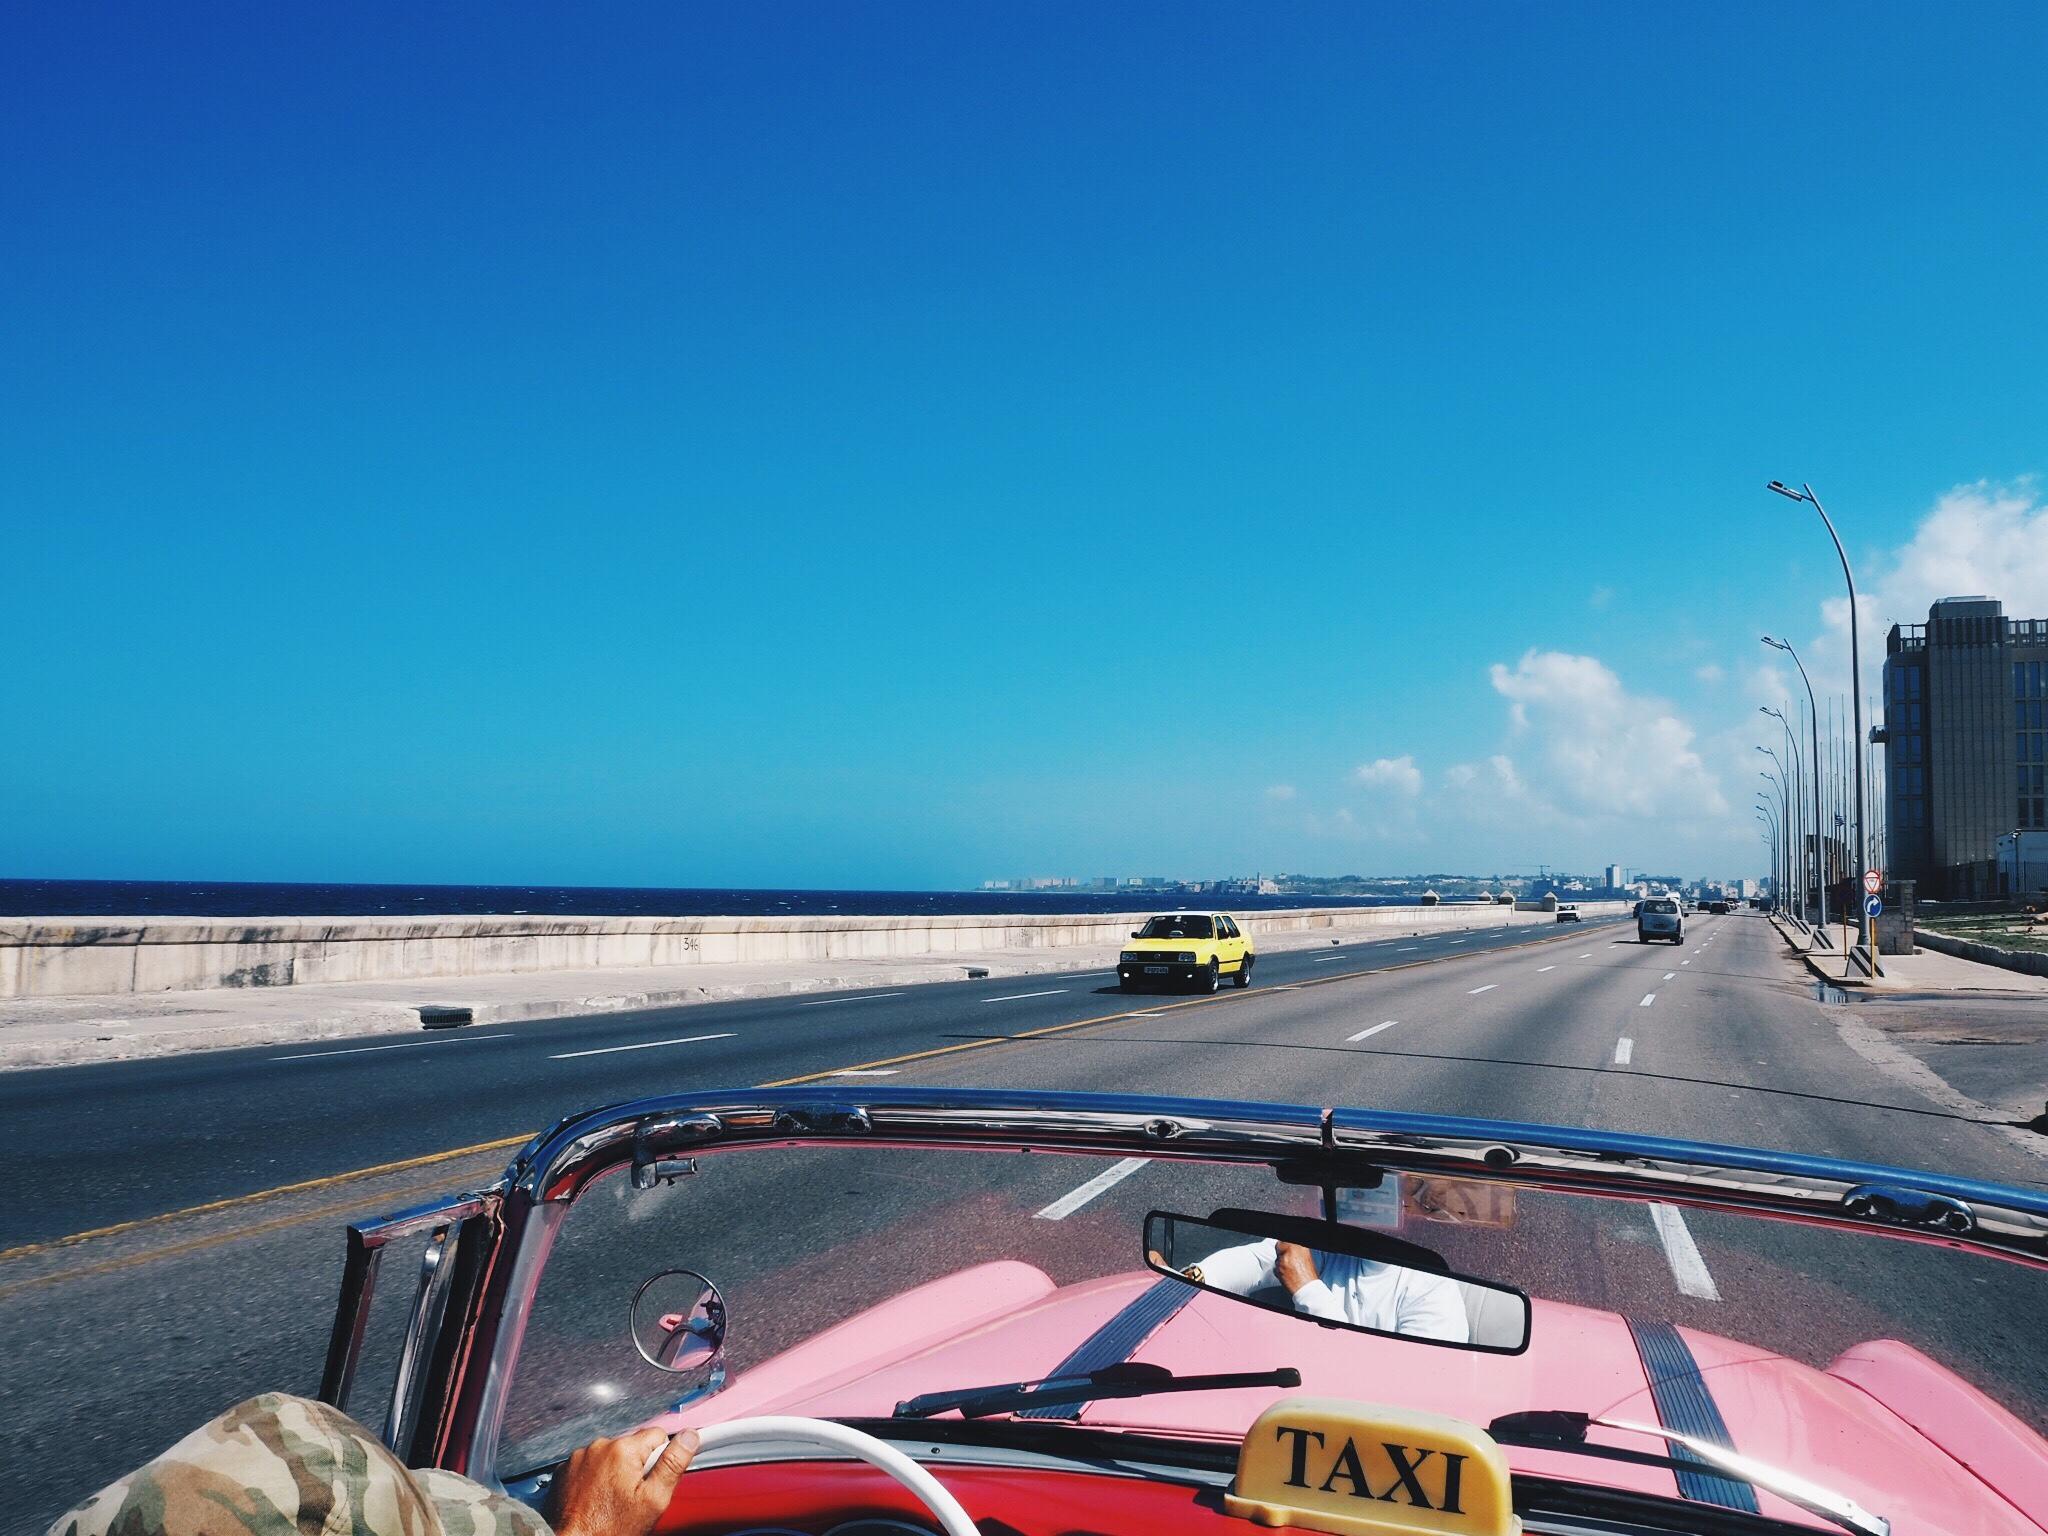 d02b0ac1 208d 405a b05a d8cccc0997a6 - Vacation in Cuba - 行くまでが大変?!キューバ旅行のあれこれ